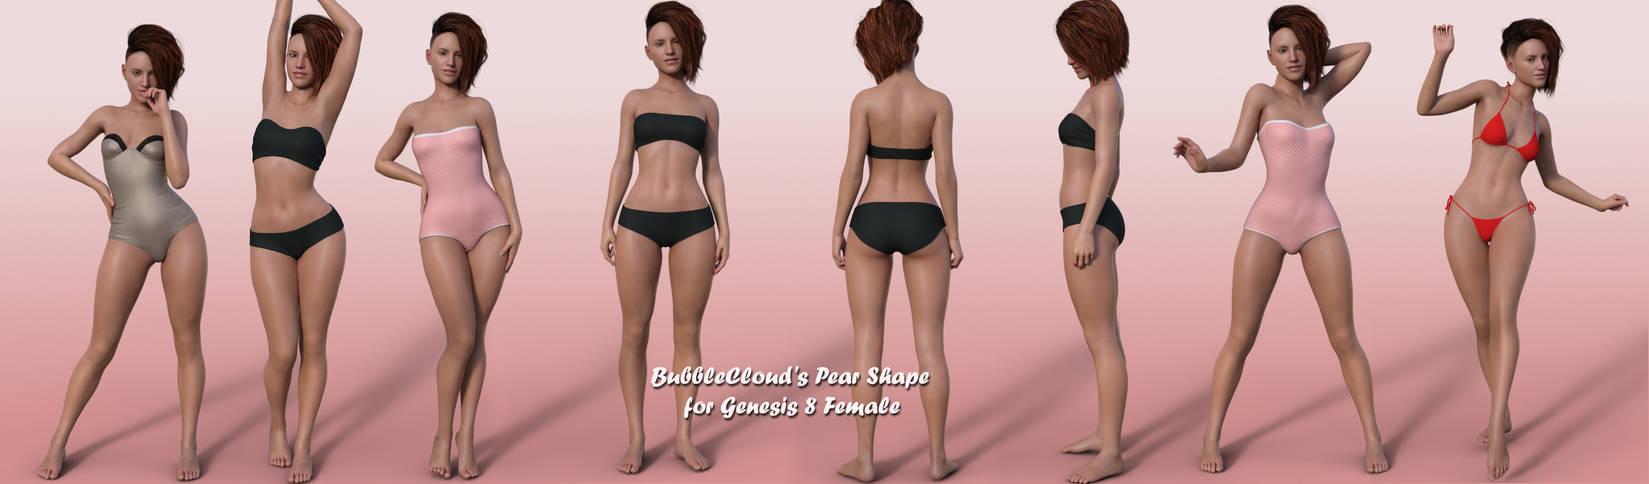 BubbleCloud's Pear Shape for G8F